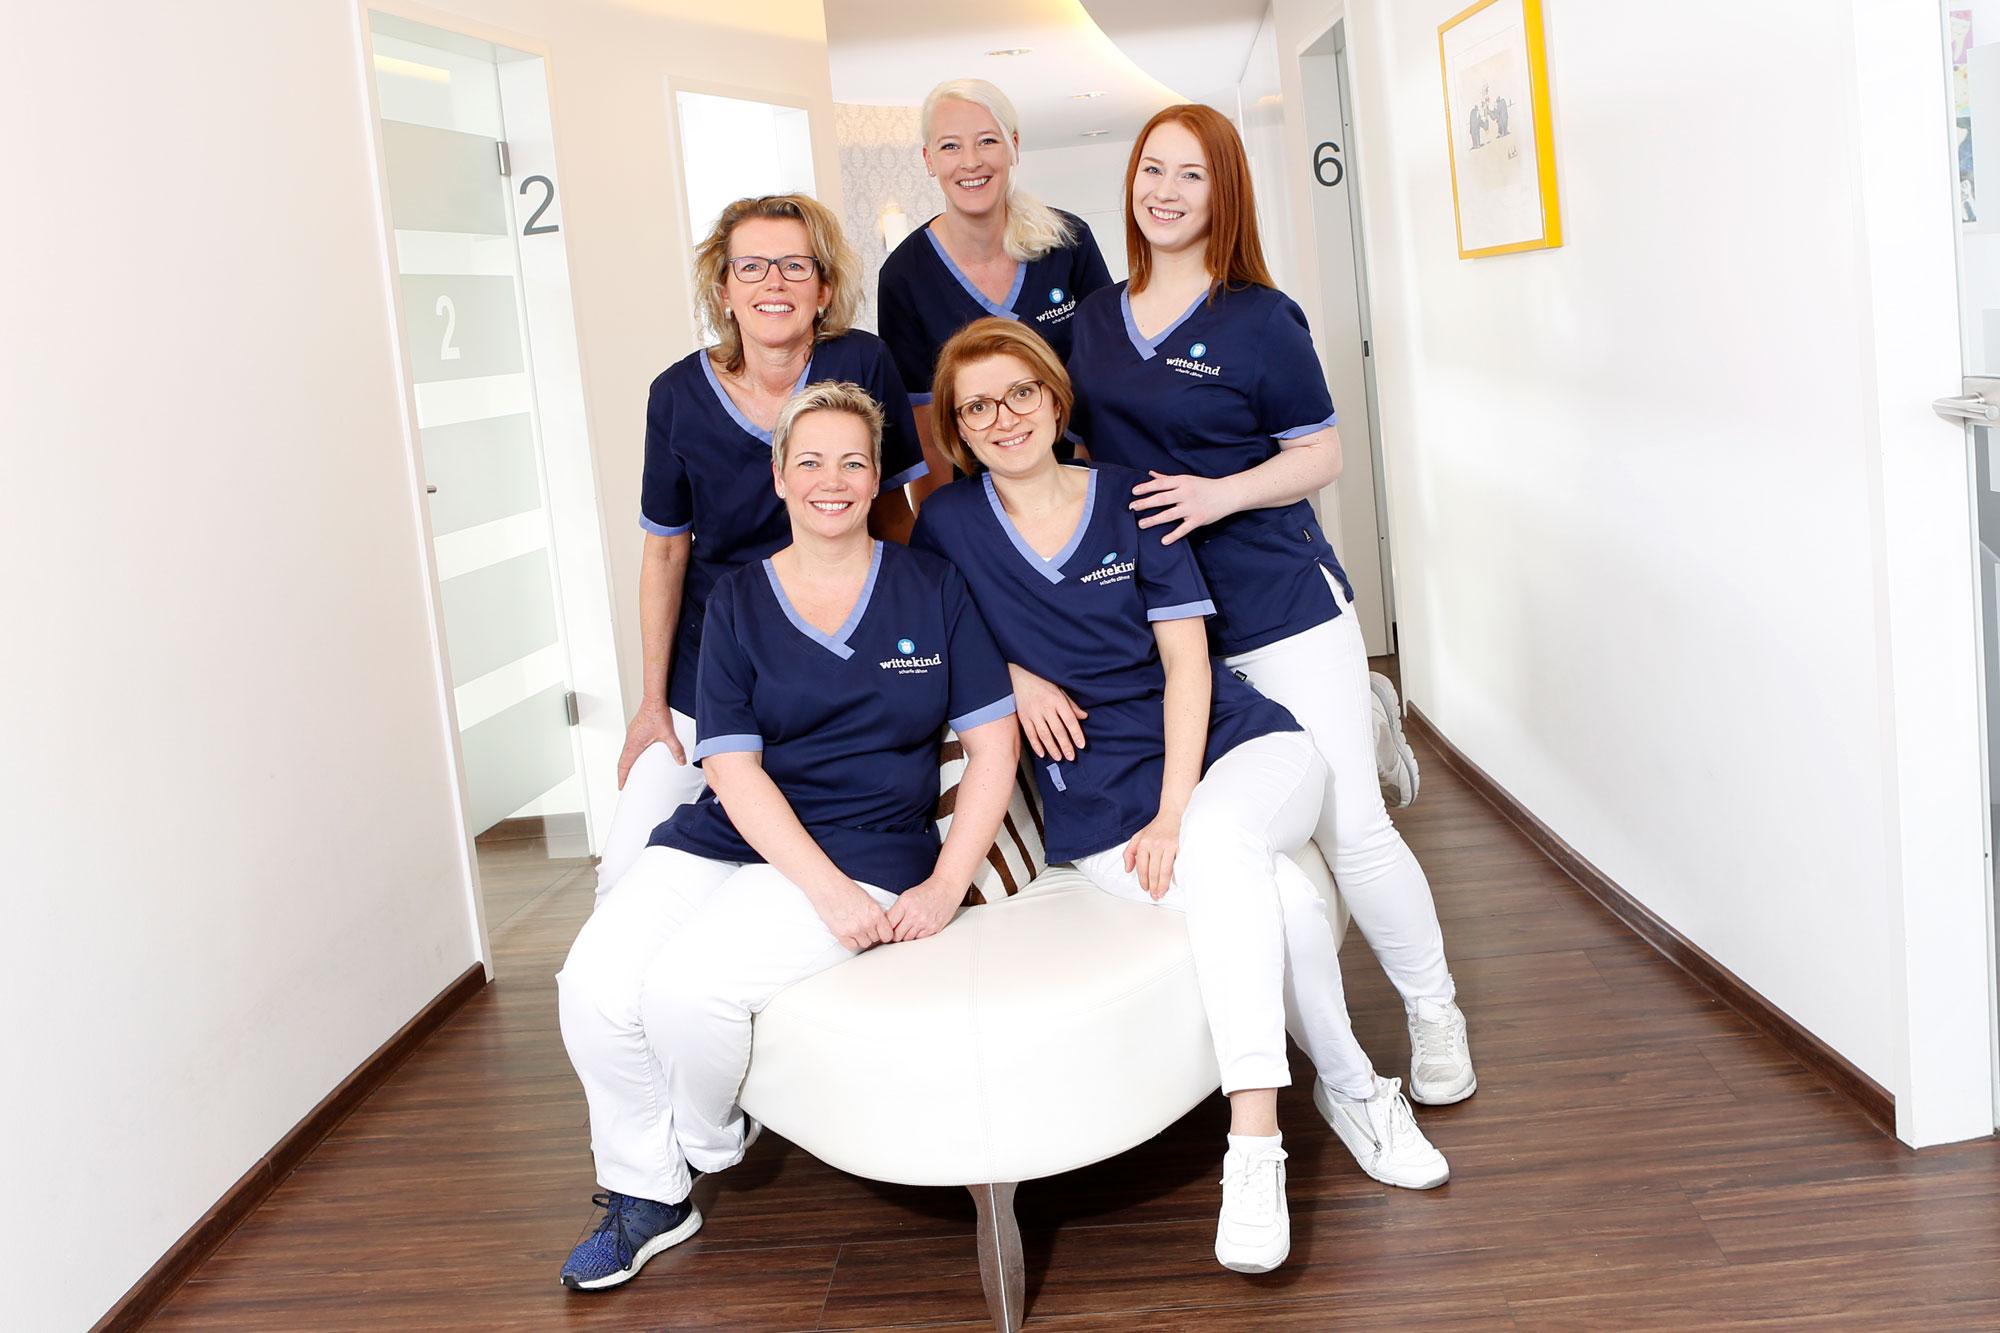 Prophylaxe / Professionelle Zahnreinigung - Zahnarzt Wittekind Wallenhorst